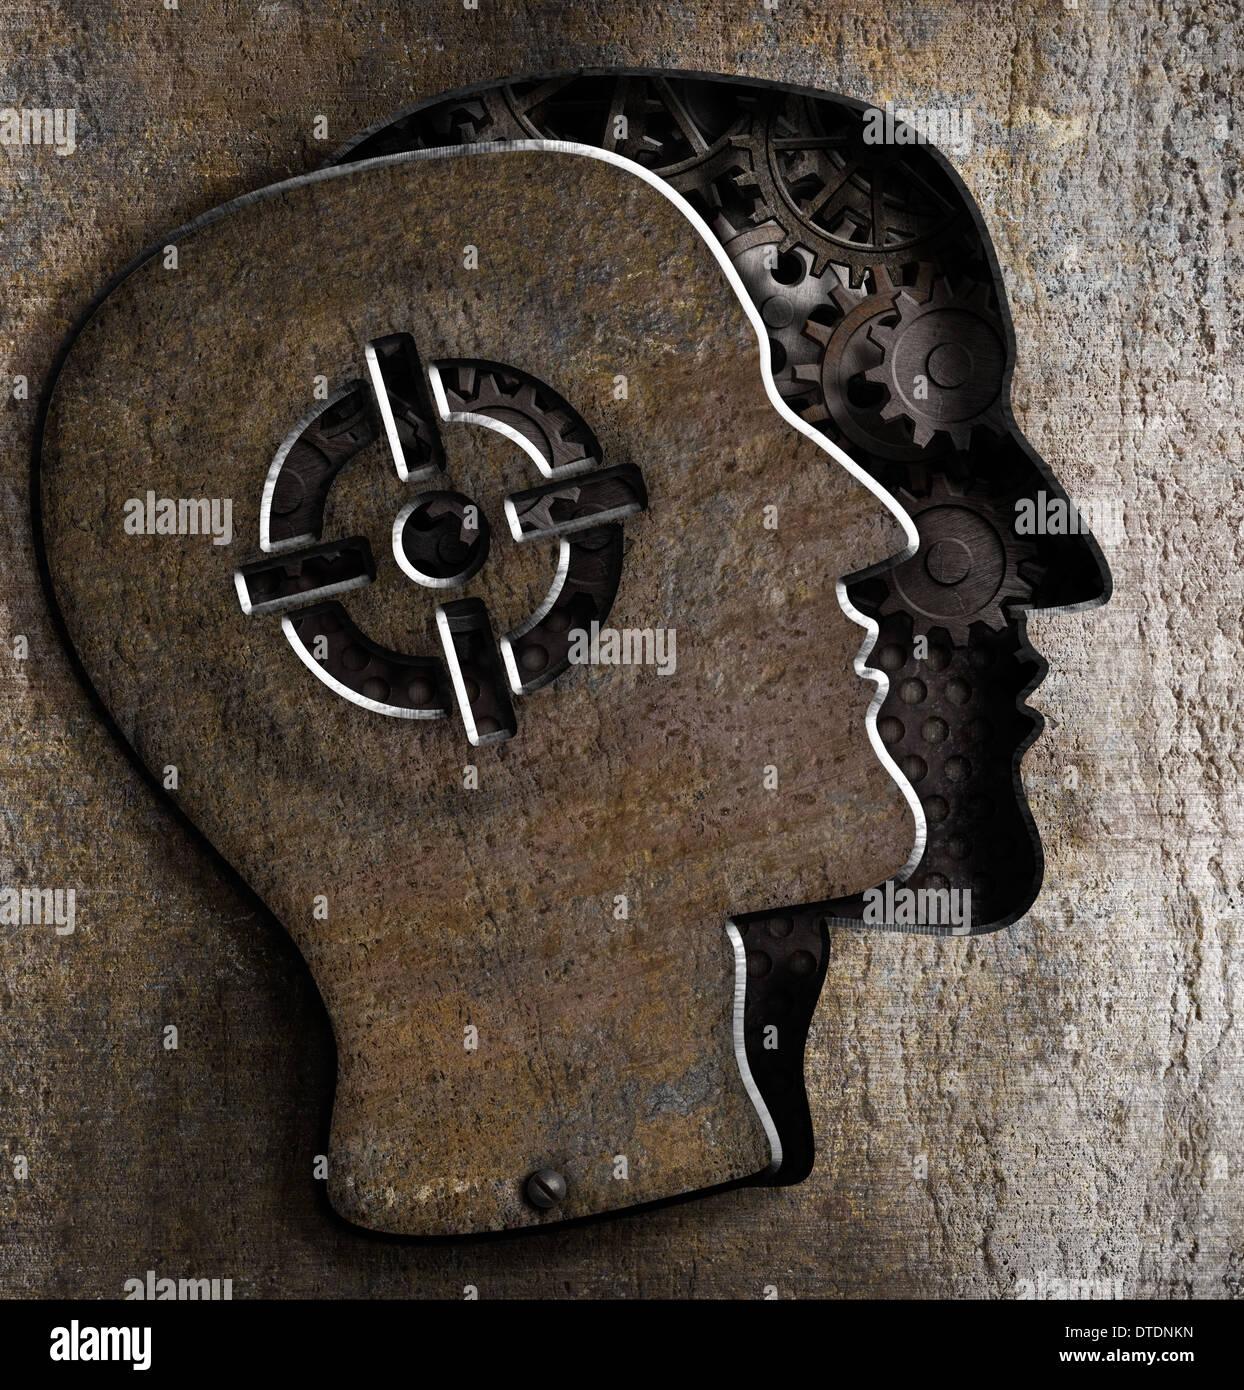 Cabeza humana con el objetivo de Marca en placa de metal Imagen De Stock